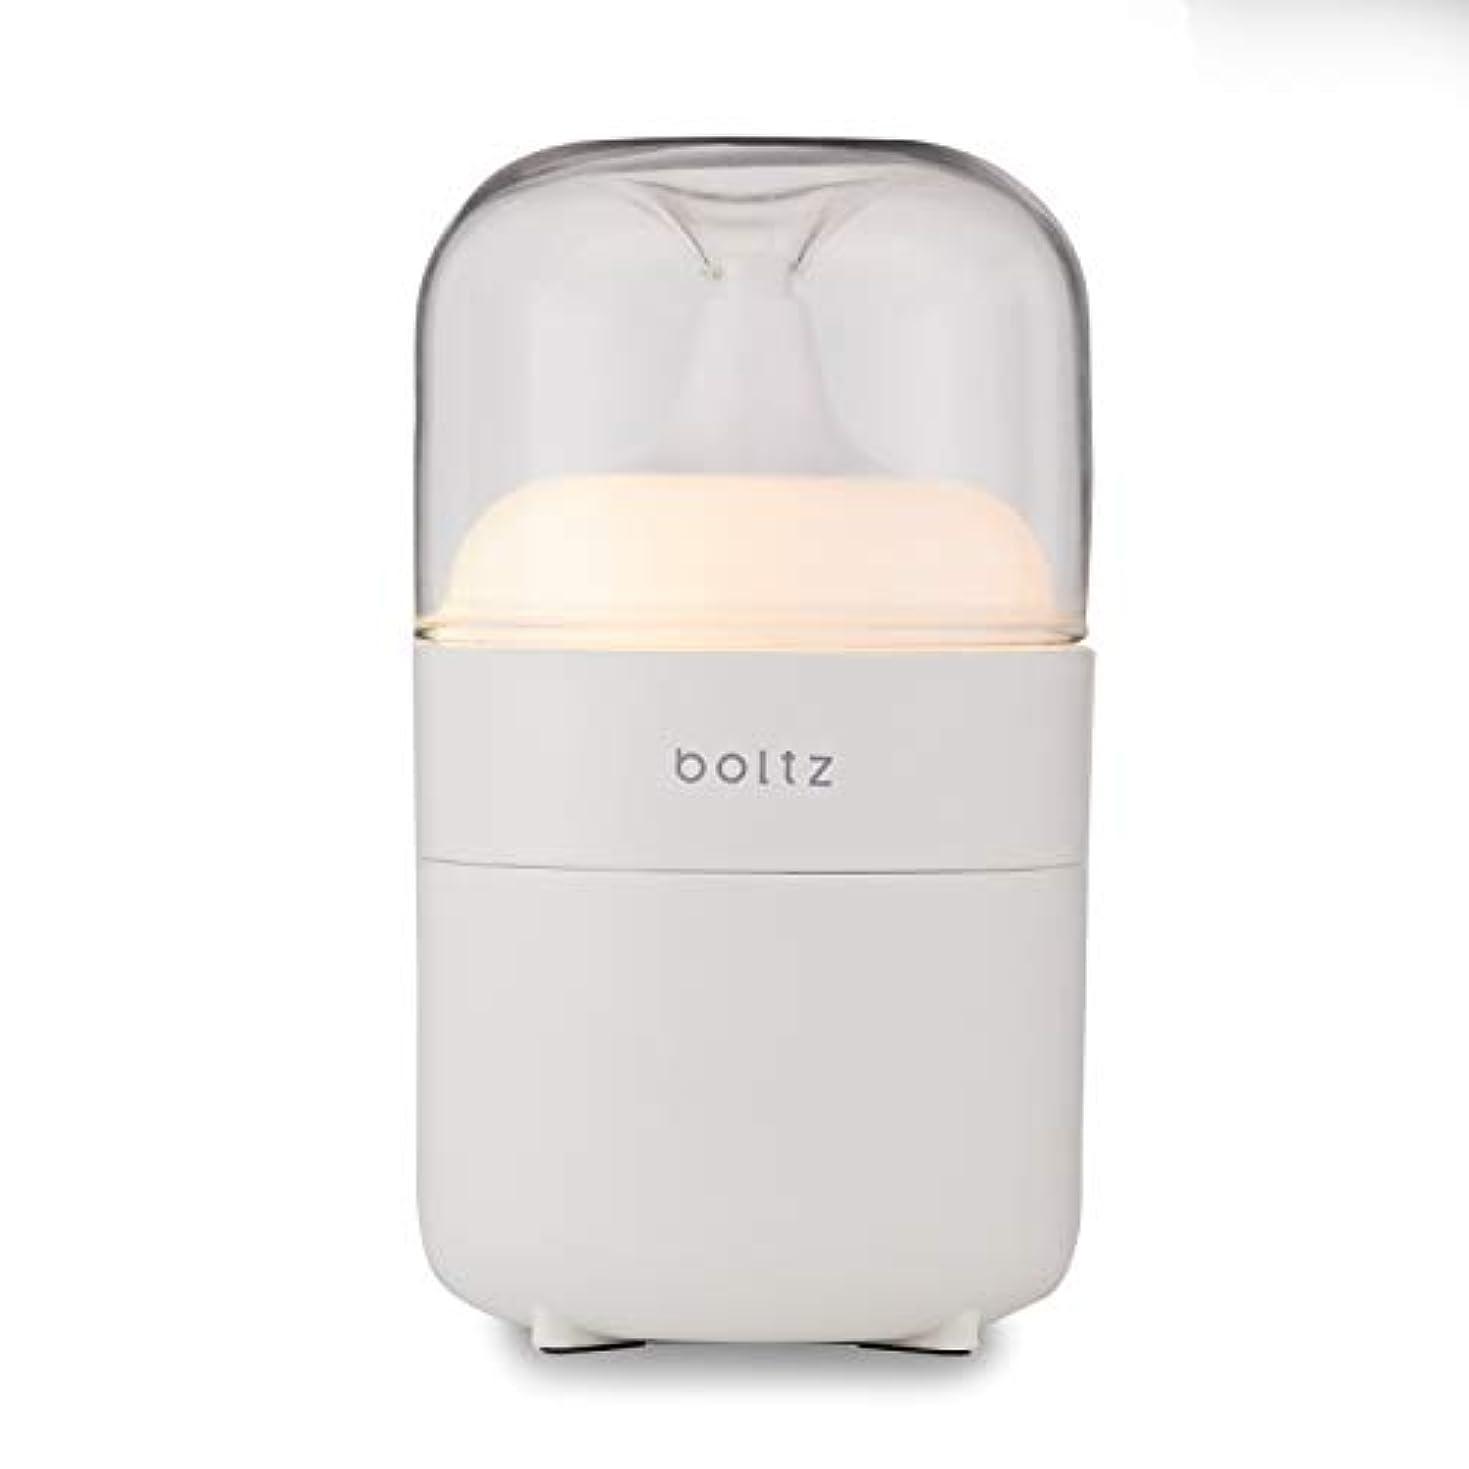 罪悪感サンプルノイズLOWYA boltz アロマディフューザー ネプライザー式 アロマオイル対応 間接照明 おしゃれ USB対応